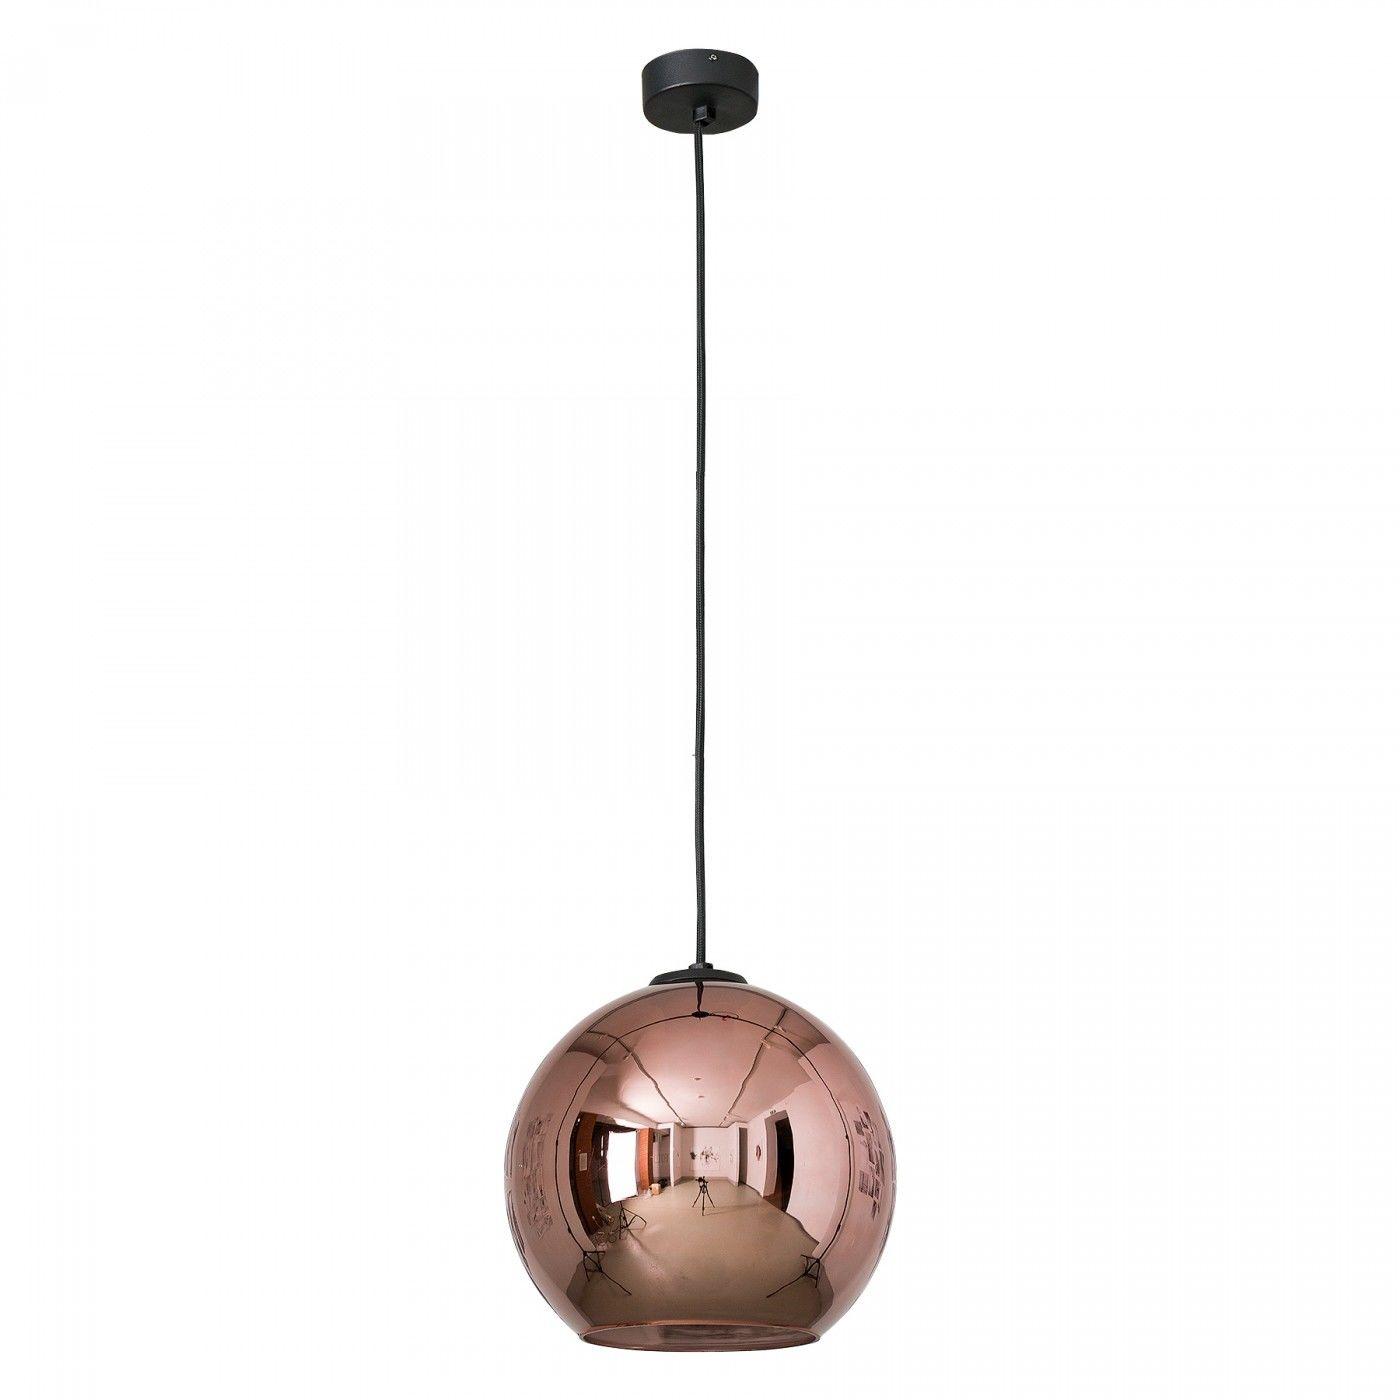 Lampa wisząca Polaris 9058 Nowodvorski Lighting miedziana oprawa w kształcie kuli